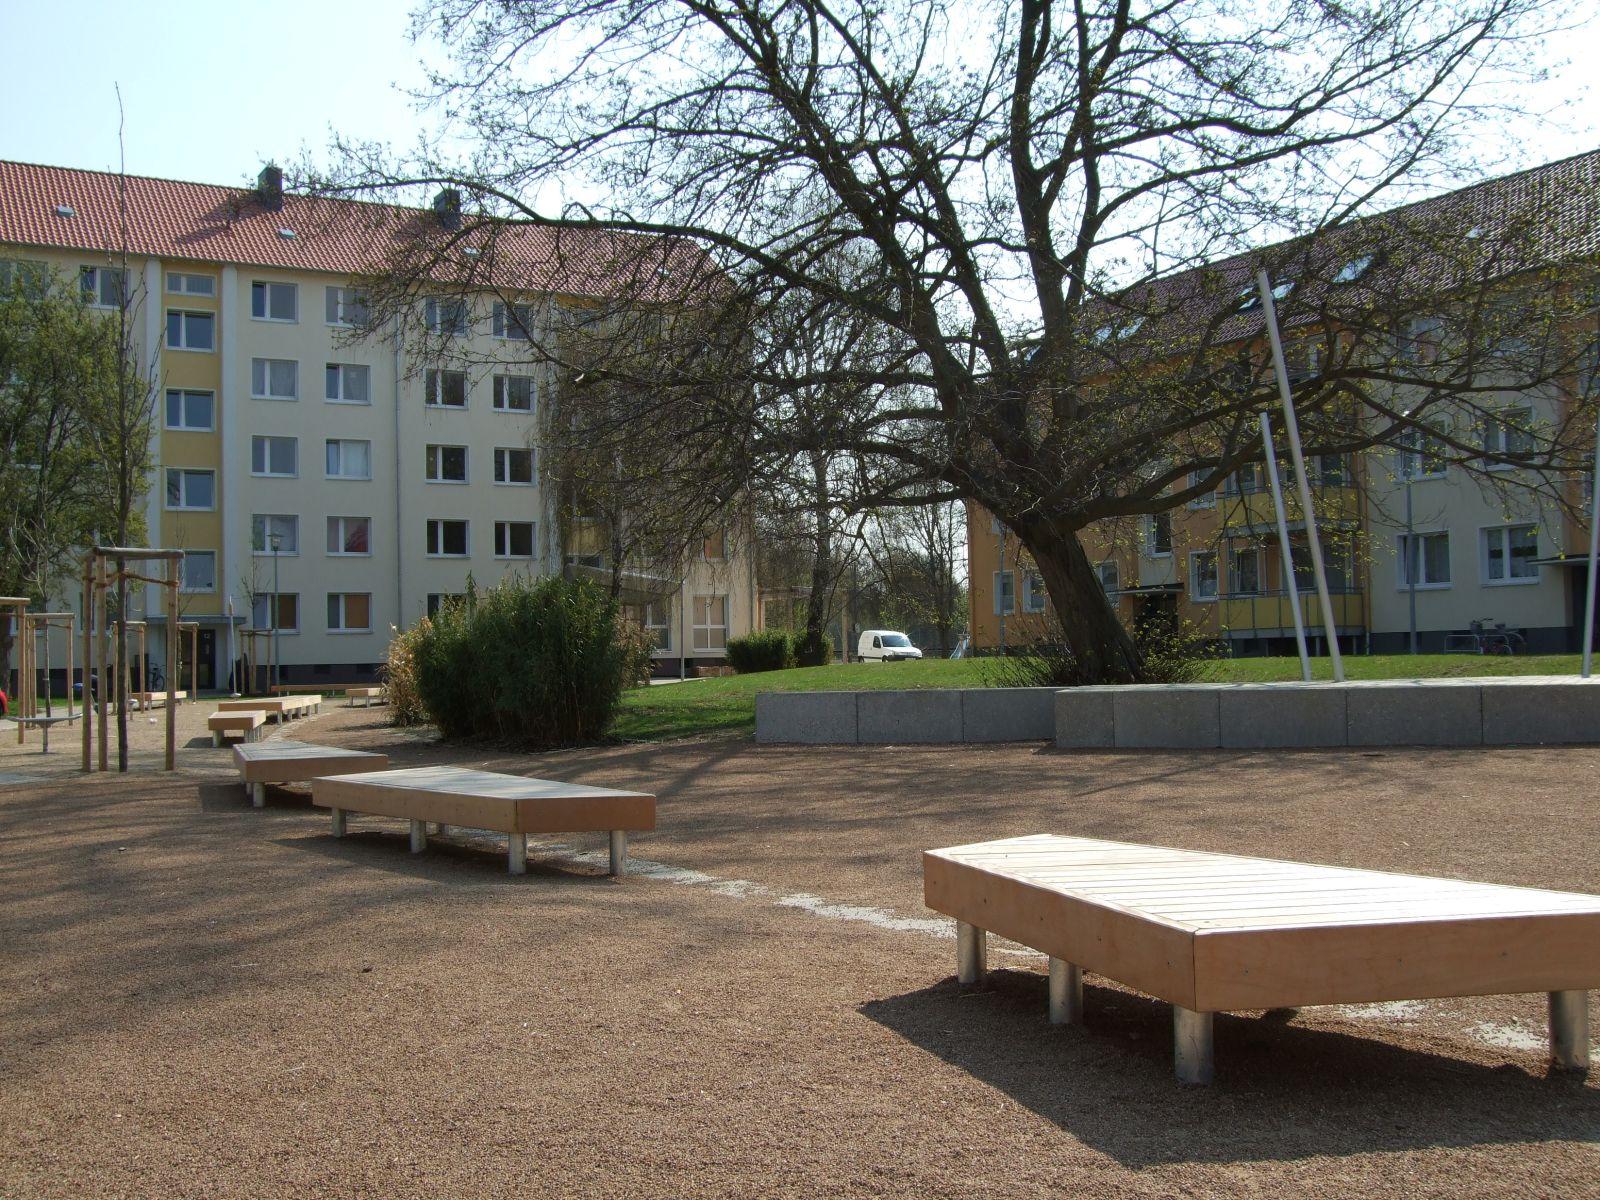 0818-Max-Eyth-Platz-2.jpg